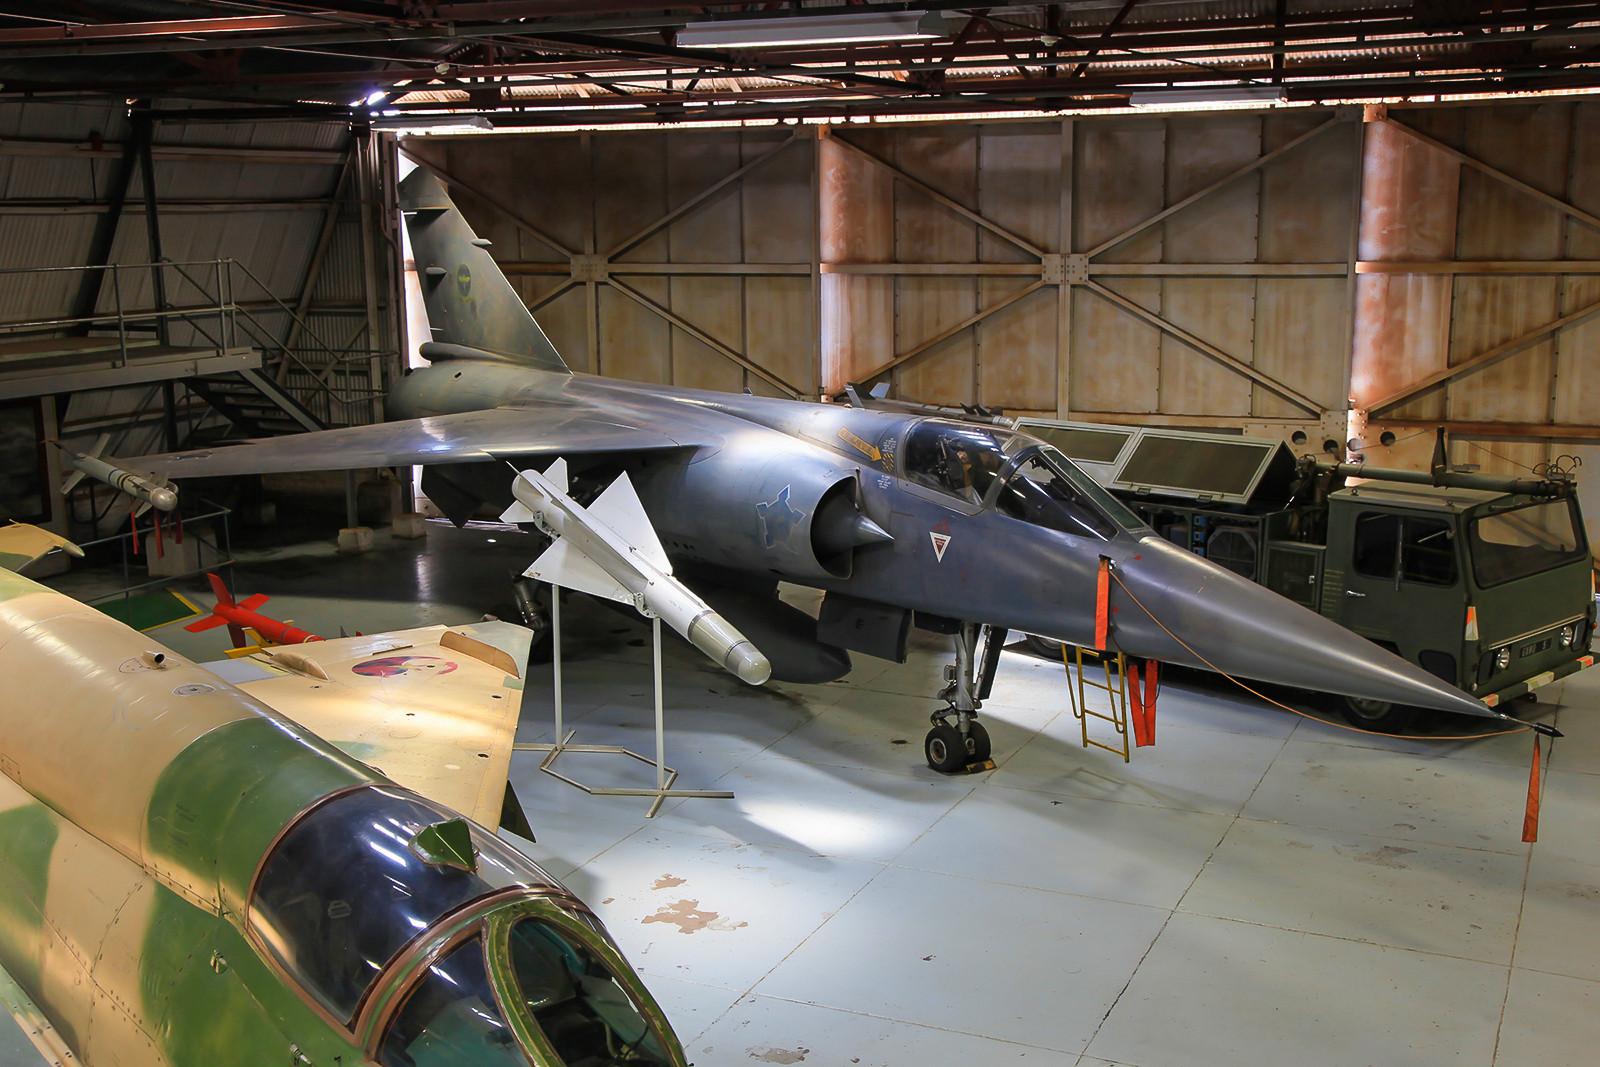 """Etwas dicht zugeparkt, steht die F-1CZ mit der Nummer """"203"""" in einem dunklen Hangar."""